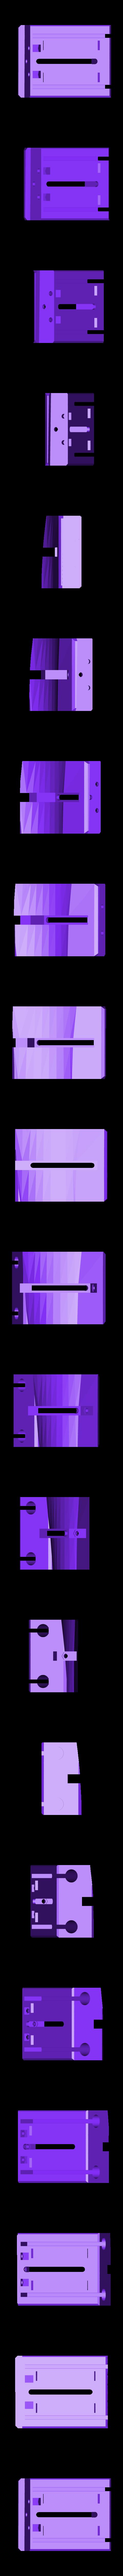 Ep_Support_Epaule_Coupe.stl Download STL file Shoulder pad for DSLR type GH4, 5D • 3D print design, Smile